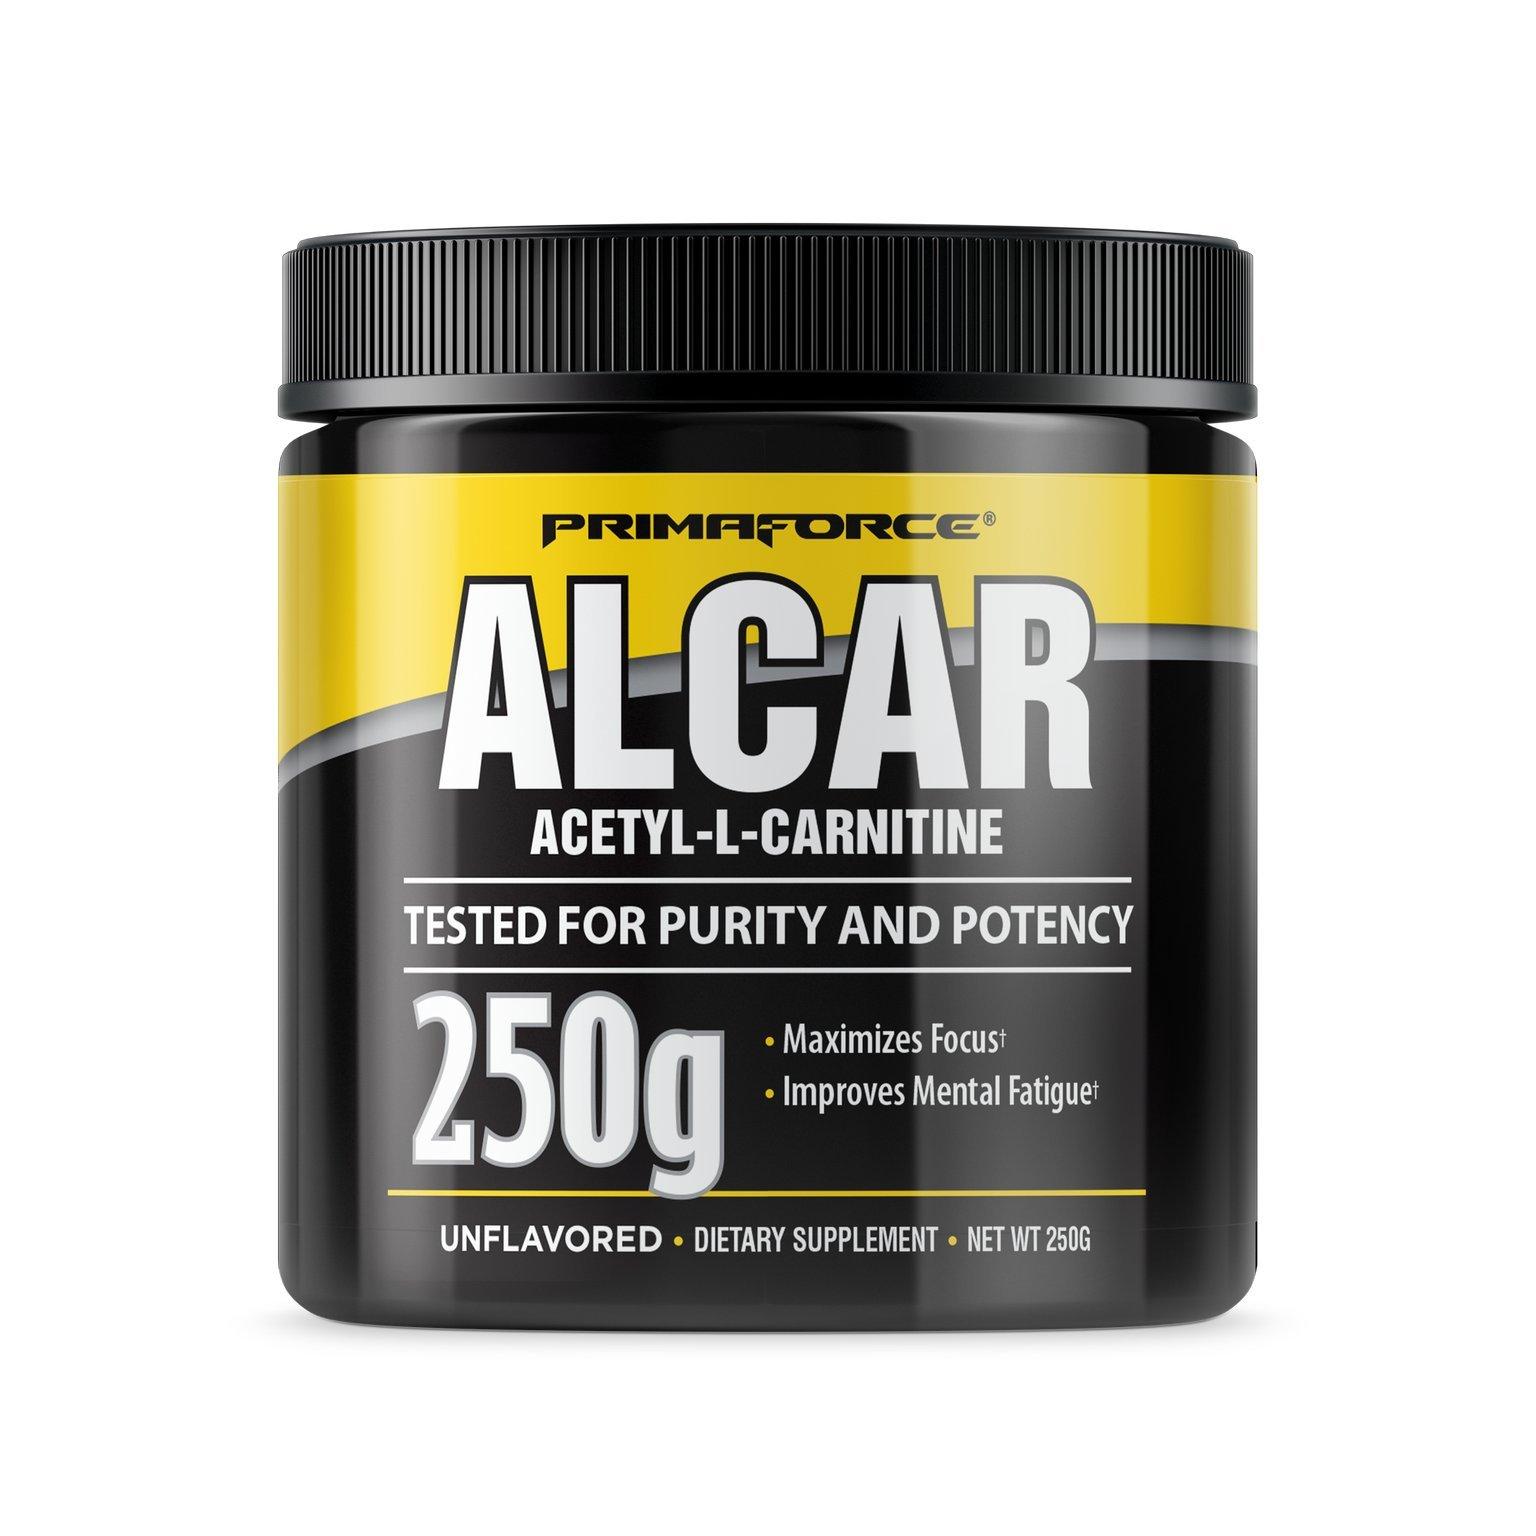 PrimaForce ALCAR Acetyl-L-Carnitine Powder Supplement, 250 Grams - Enhances Cognitive Function / Improves Memory